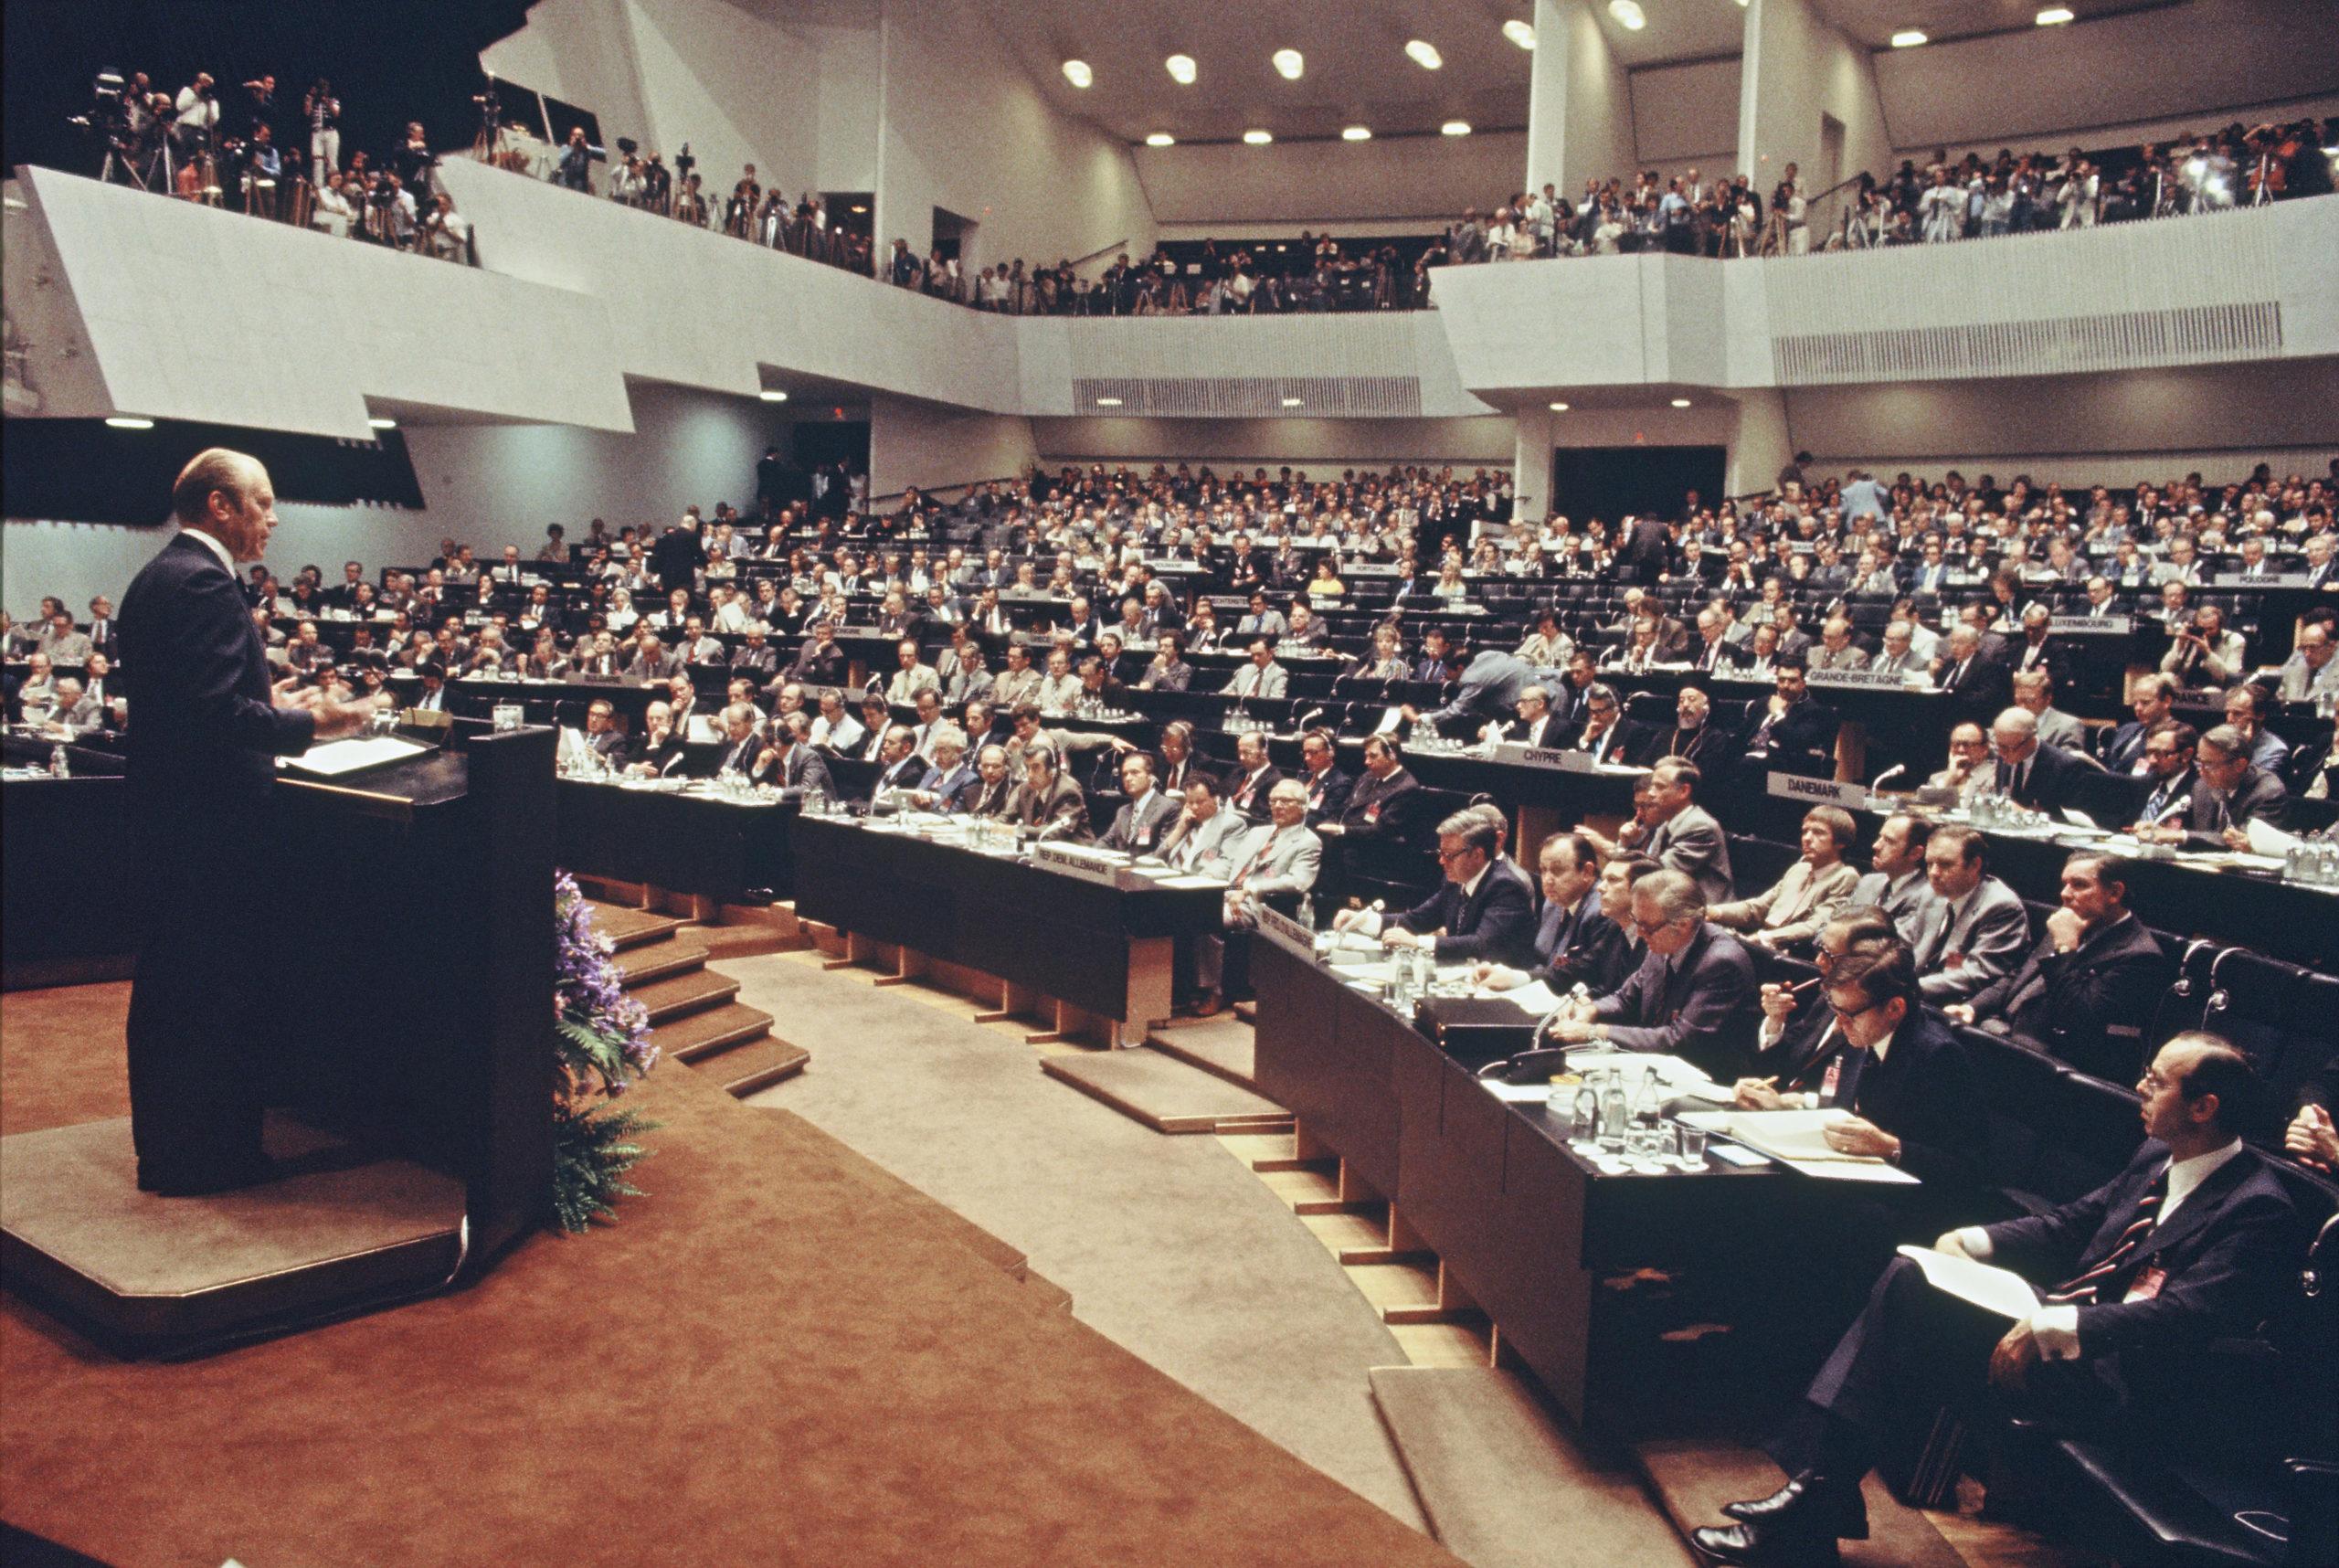 Yhdysvaltain presidentti Gerald Ford puhui Etykissä Helsingin Finlandia-talossa elokuussa 1975. // KUVA: BUNDESARCHIV/BILD 00220519/LOTHAR SCHAACK